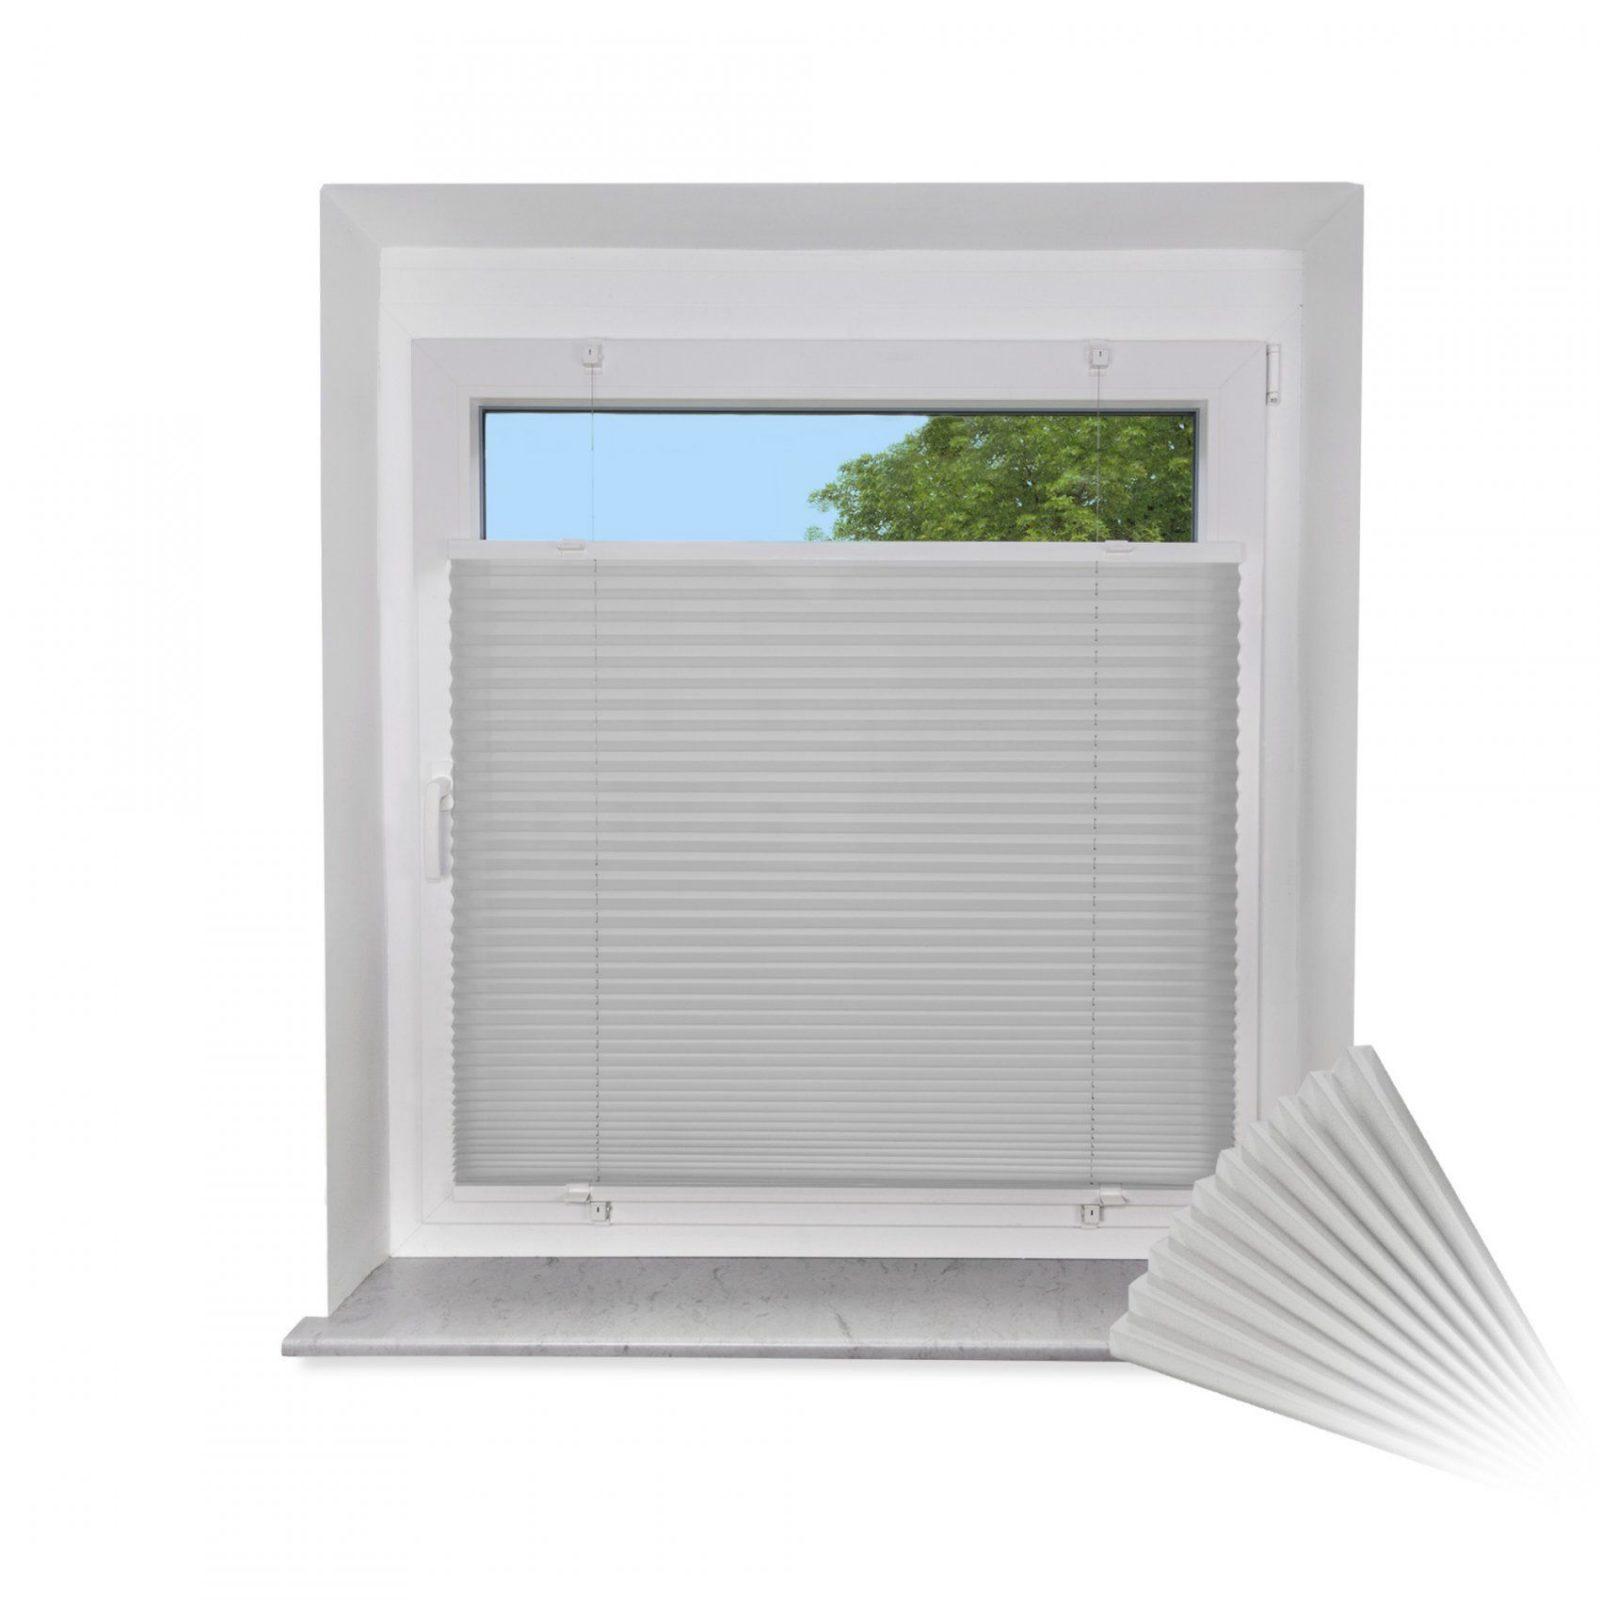 Elegant Rollo Sichtschutz  Einzigartige Ideen Zum Sichtschutz von Sichtschutz Balkontür Ohne Bohren Photo